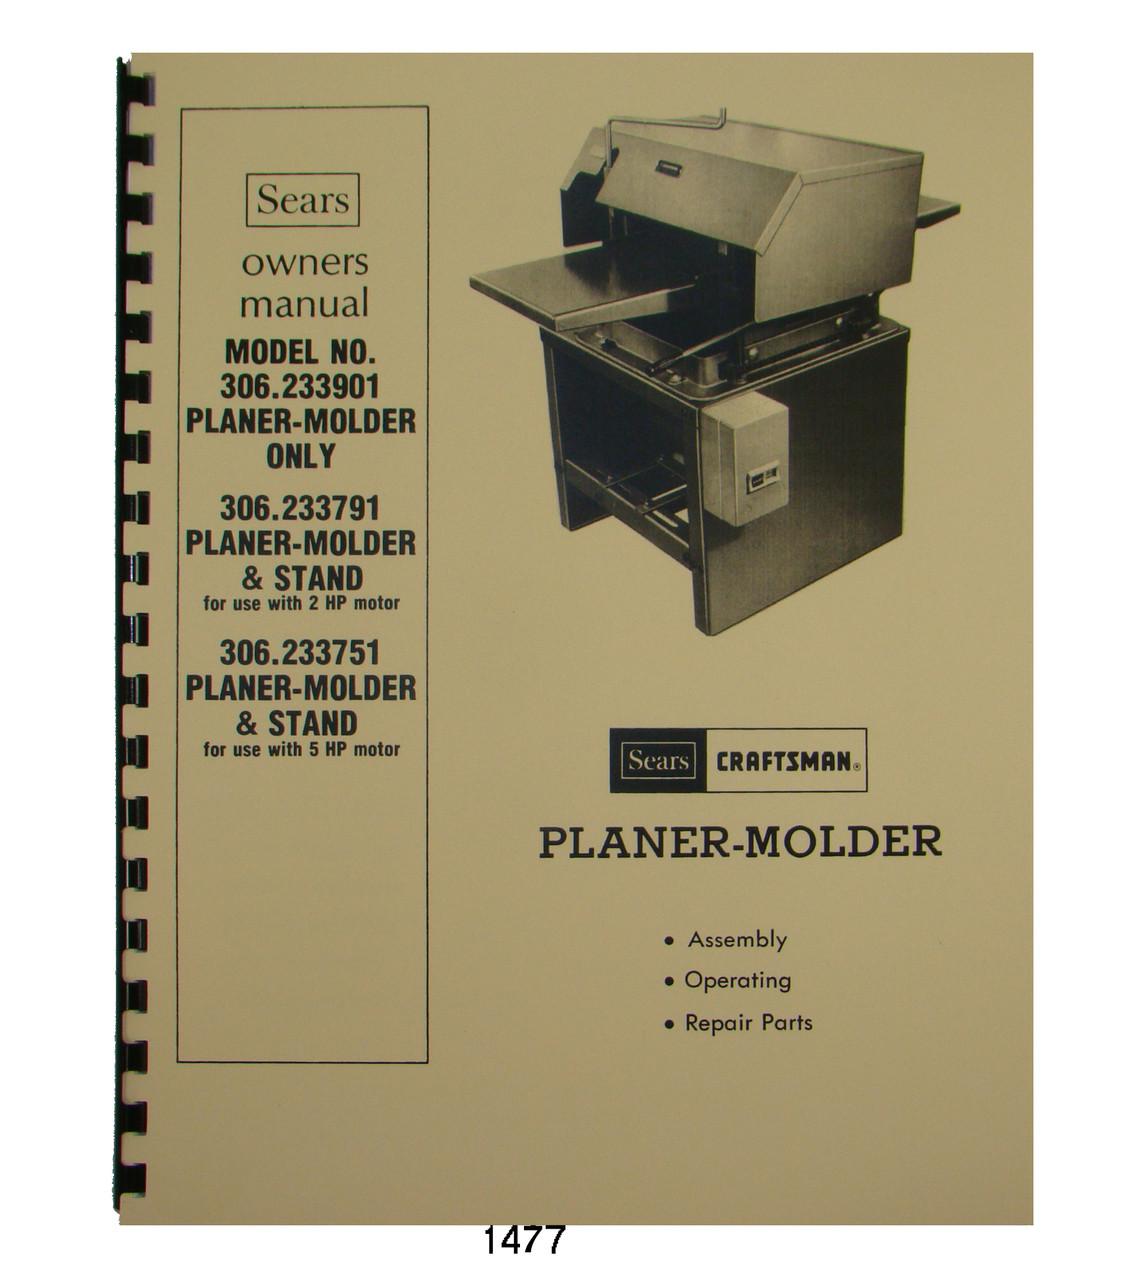 Jet   JPM-13 Wood Planer Molder Owners  Manual *185